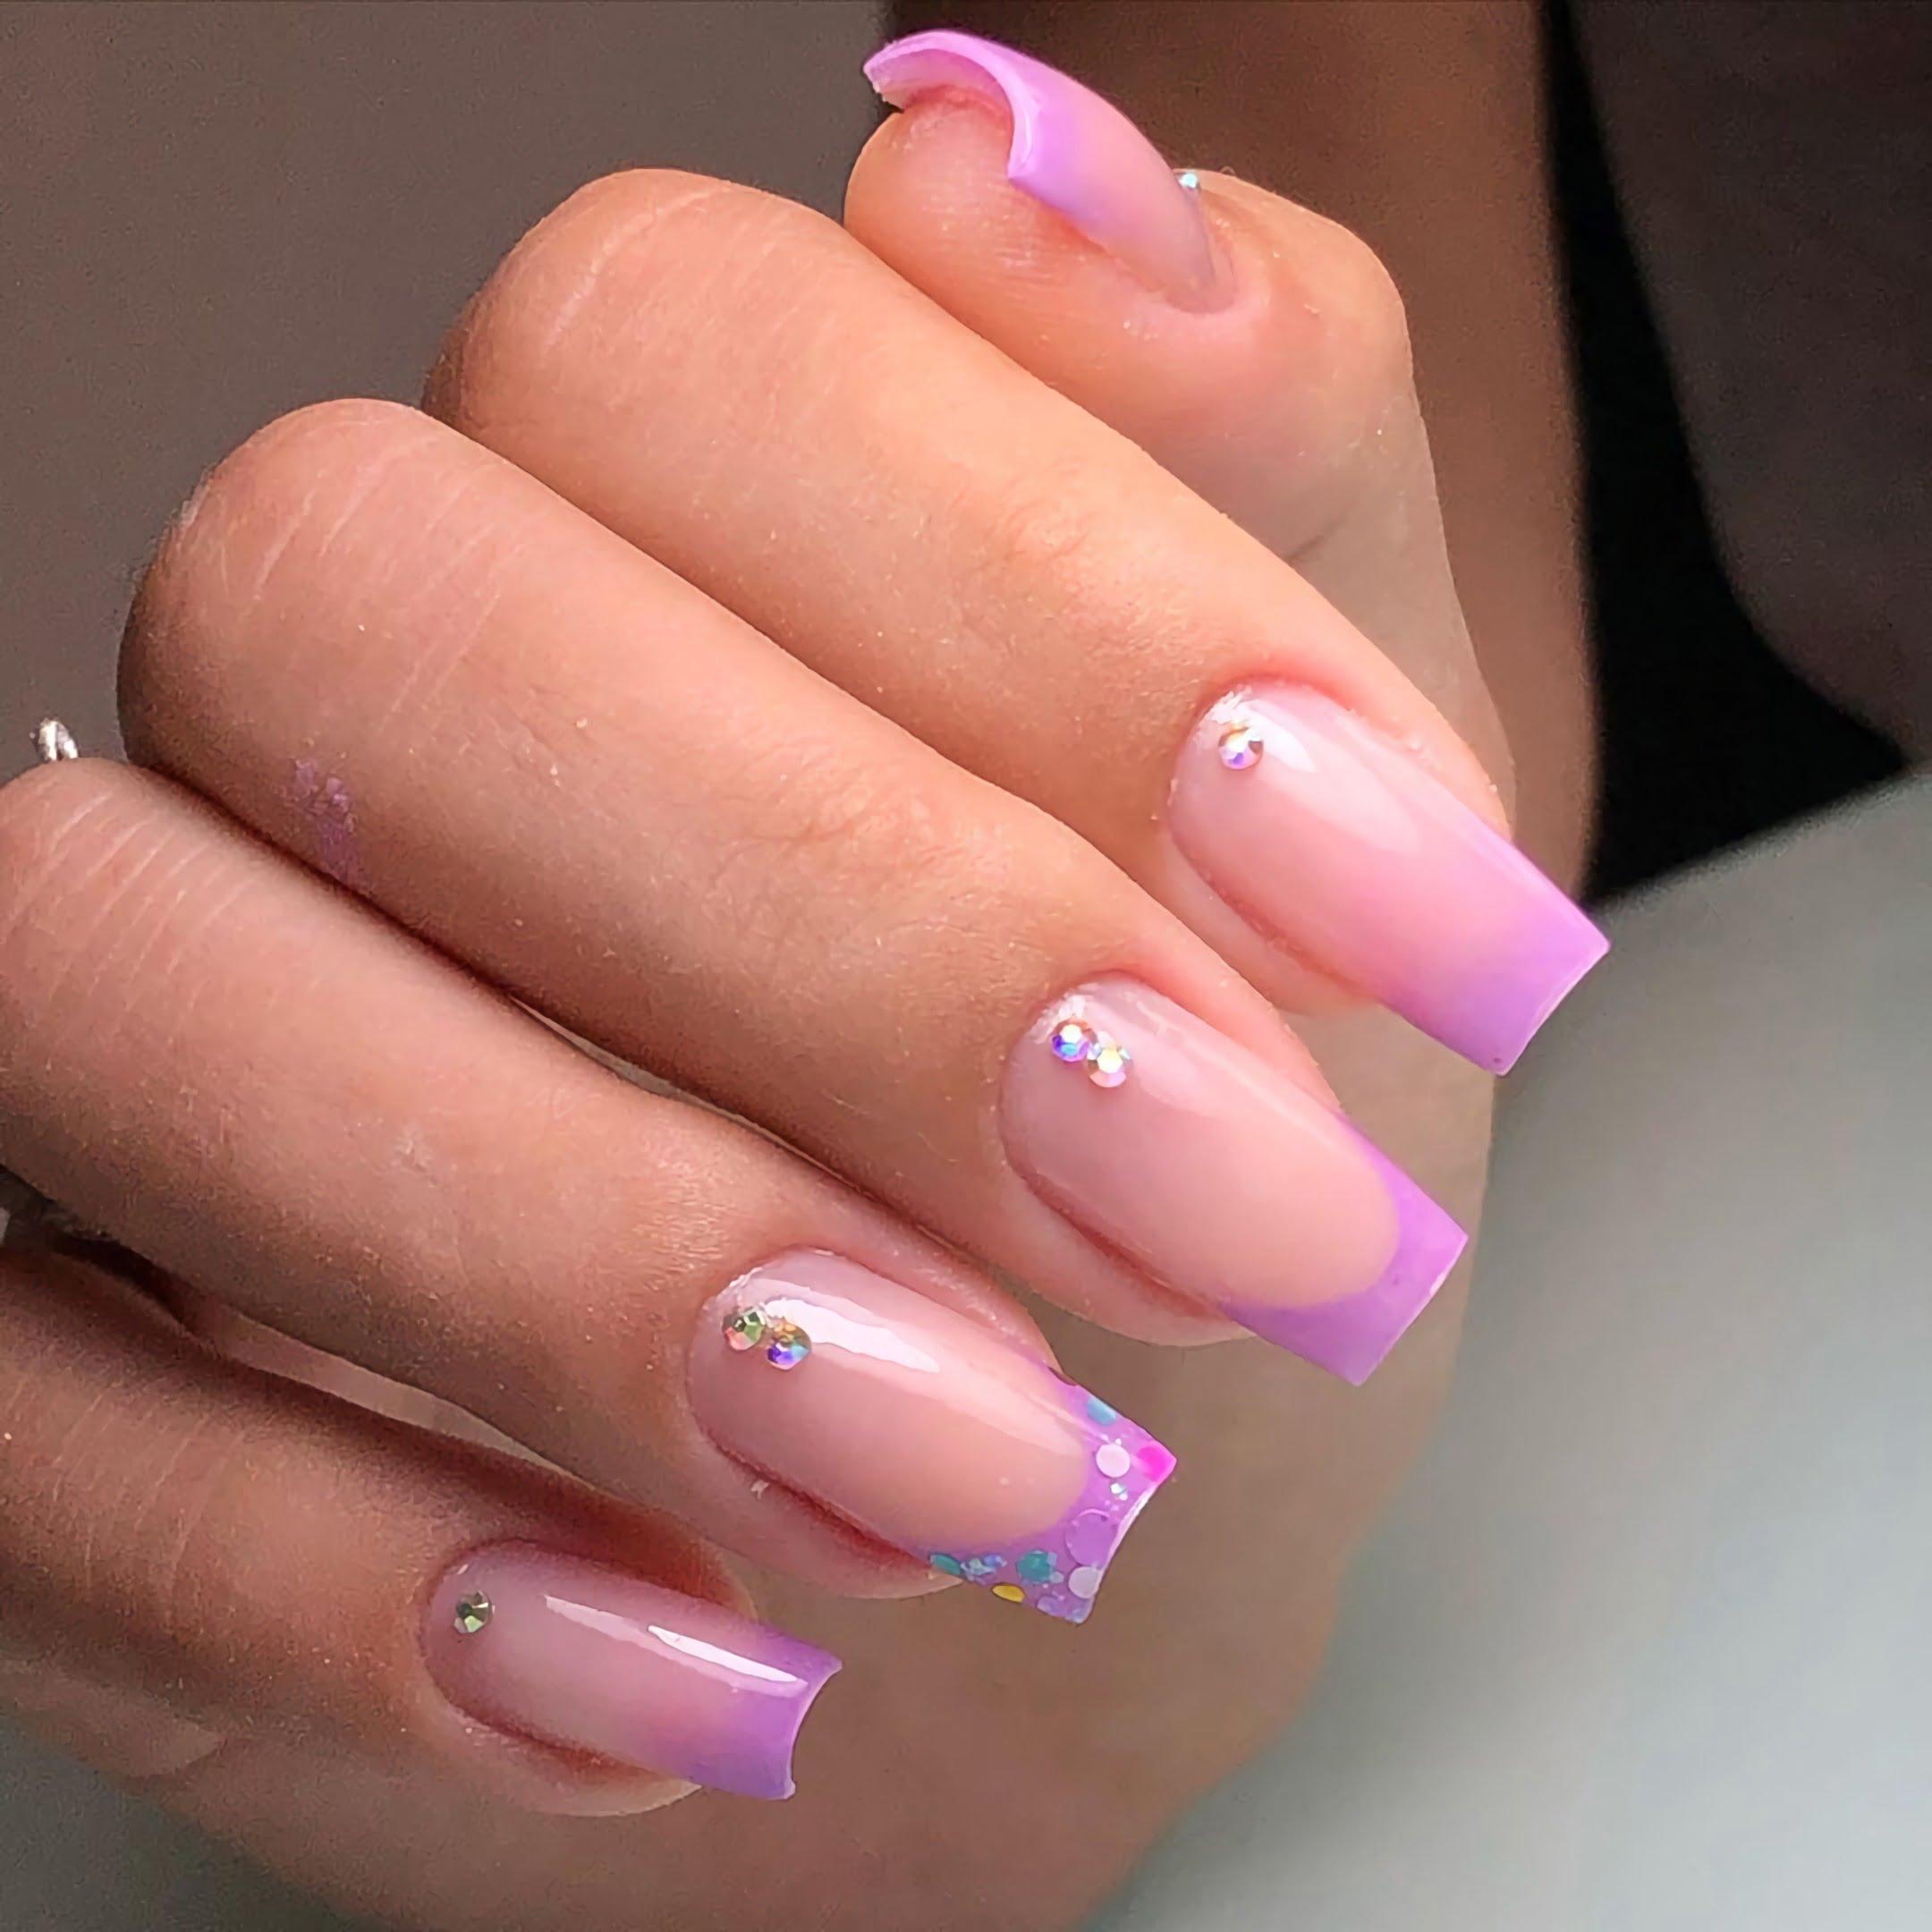 гелевые ногти квадратной формы